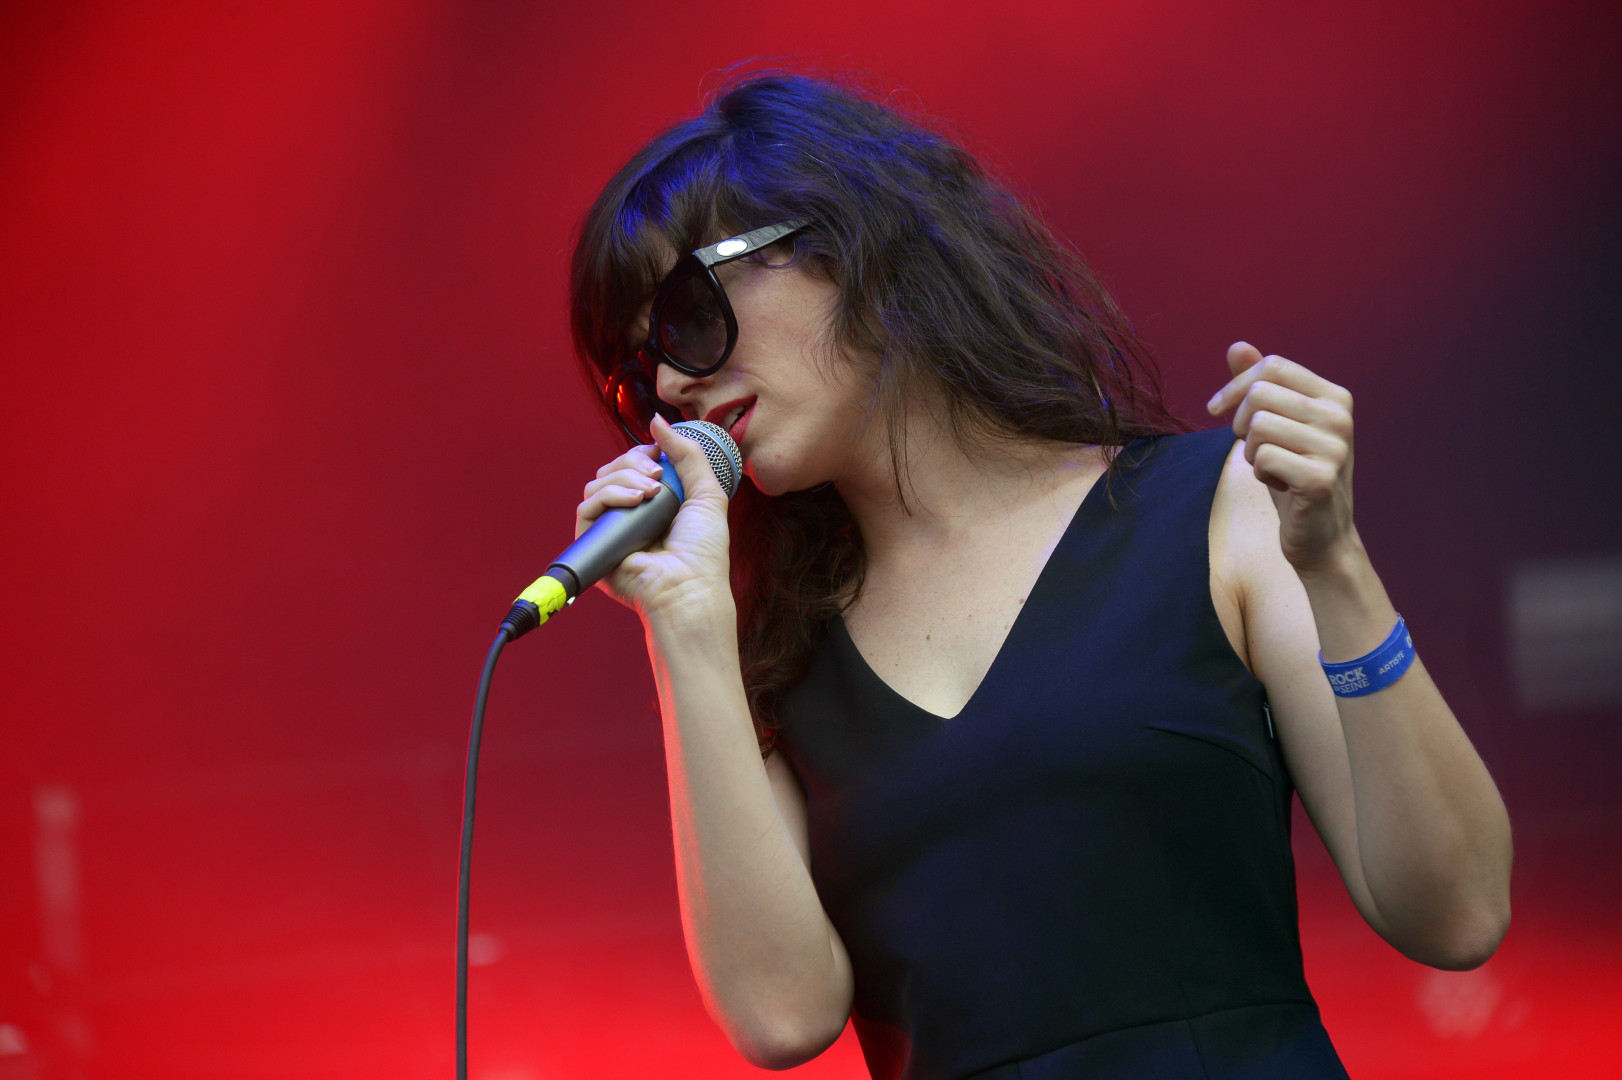 Natalie Prass sur la Scène Pression Live à Rock en Seine.